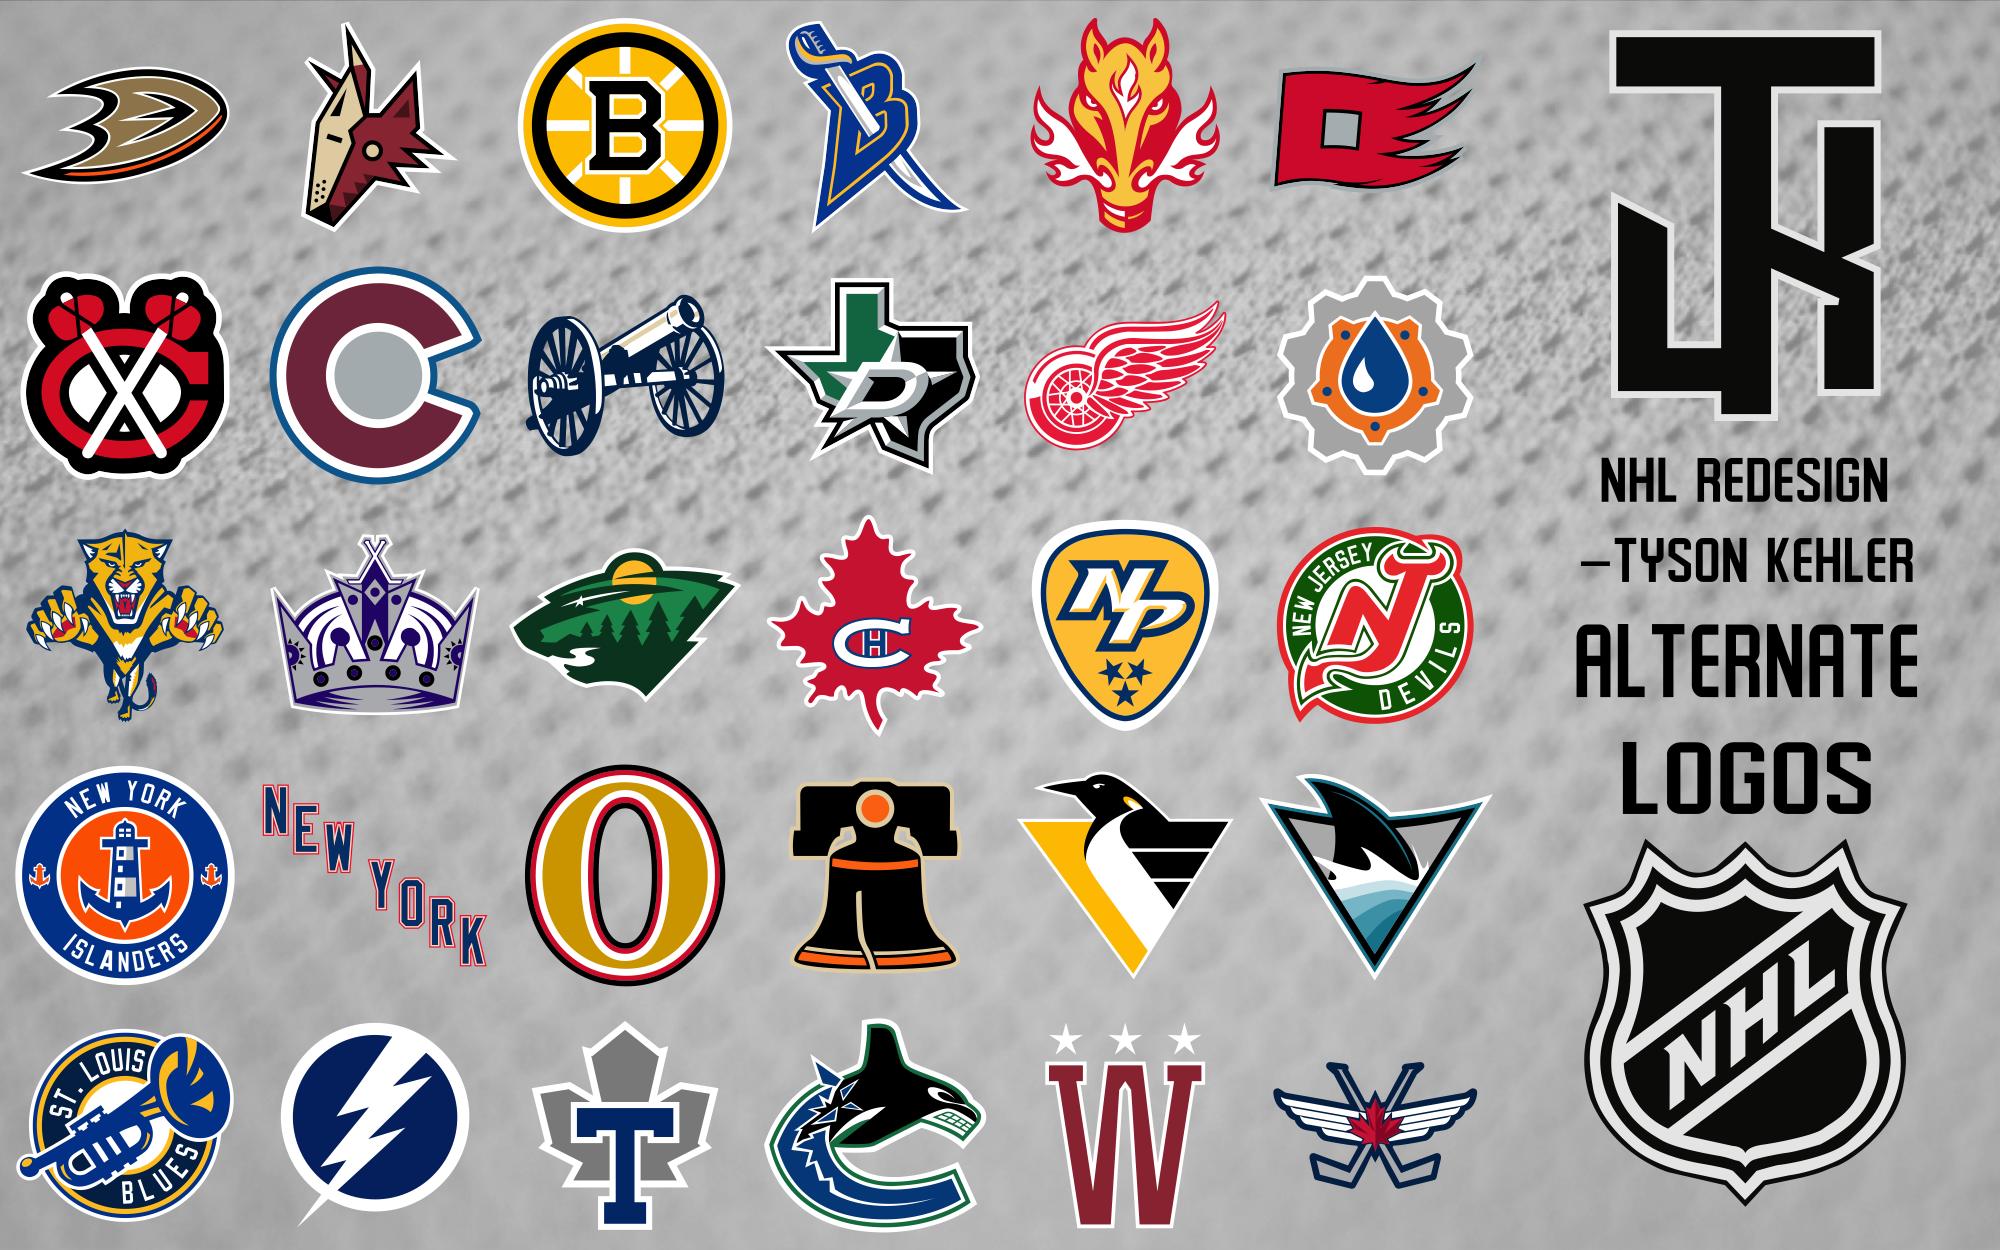 Pin By Jane Magyar On Sports Logos Nhl Hockey Logos Nhl Logos